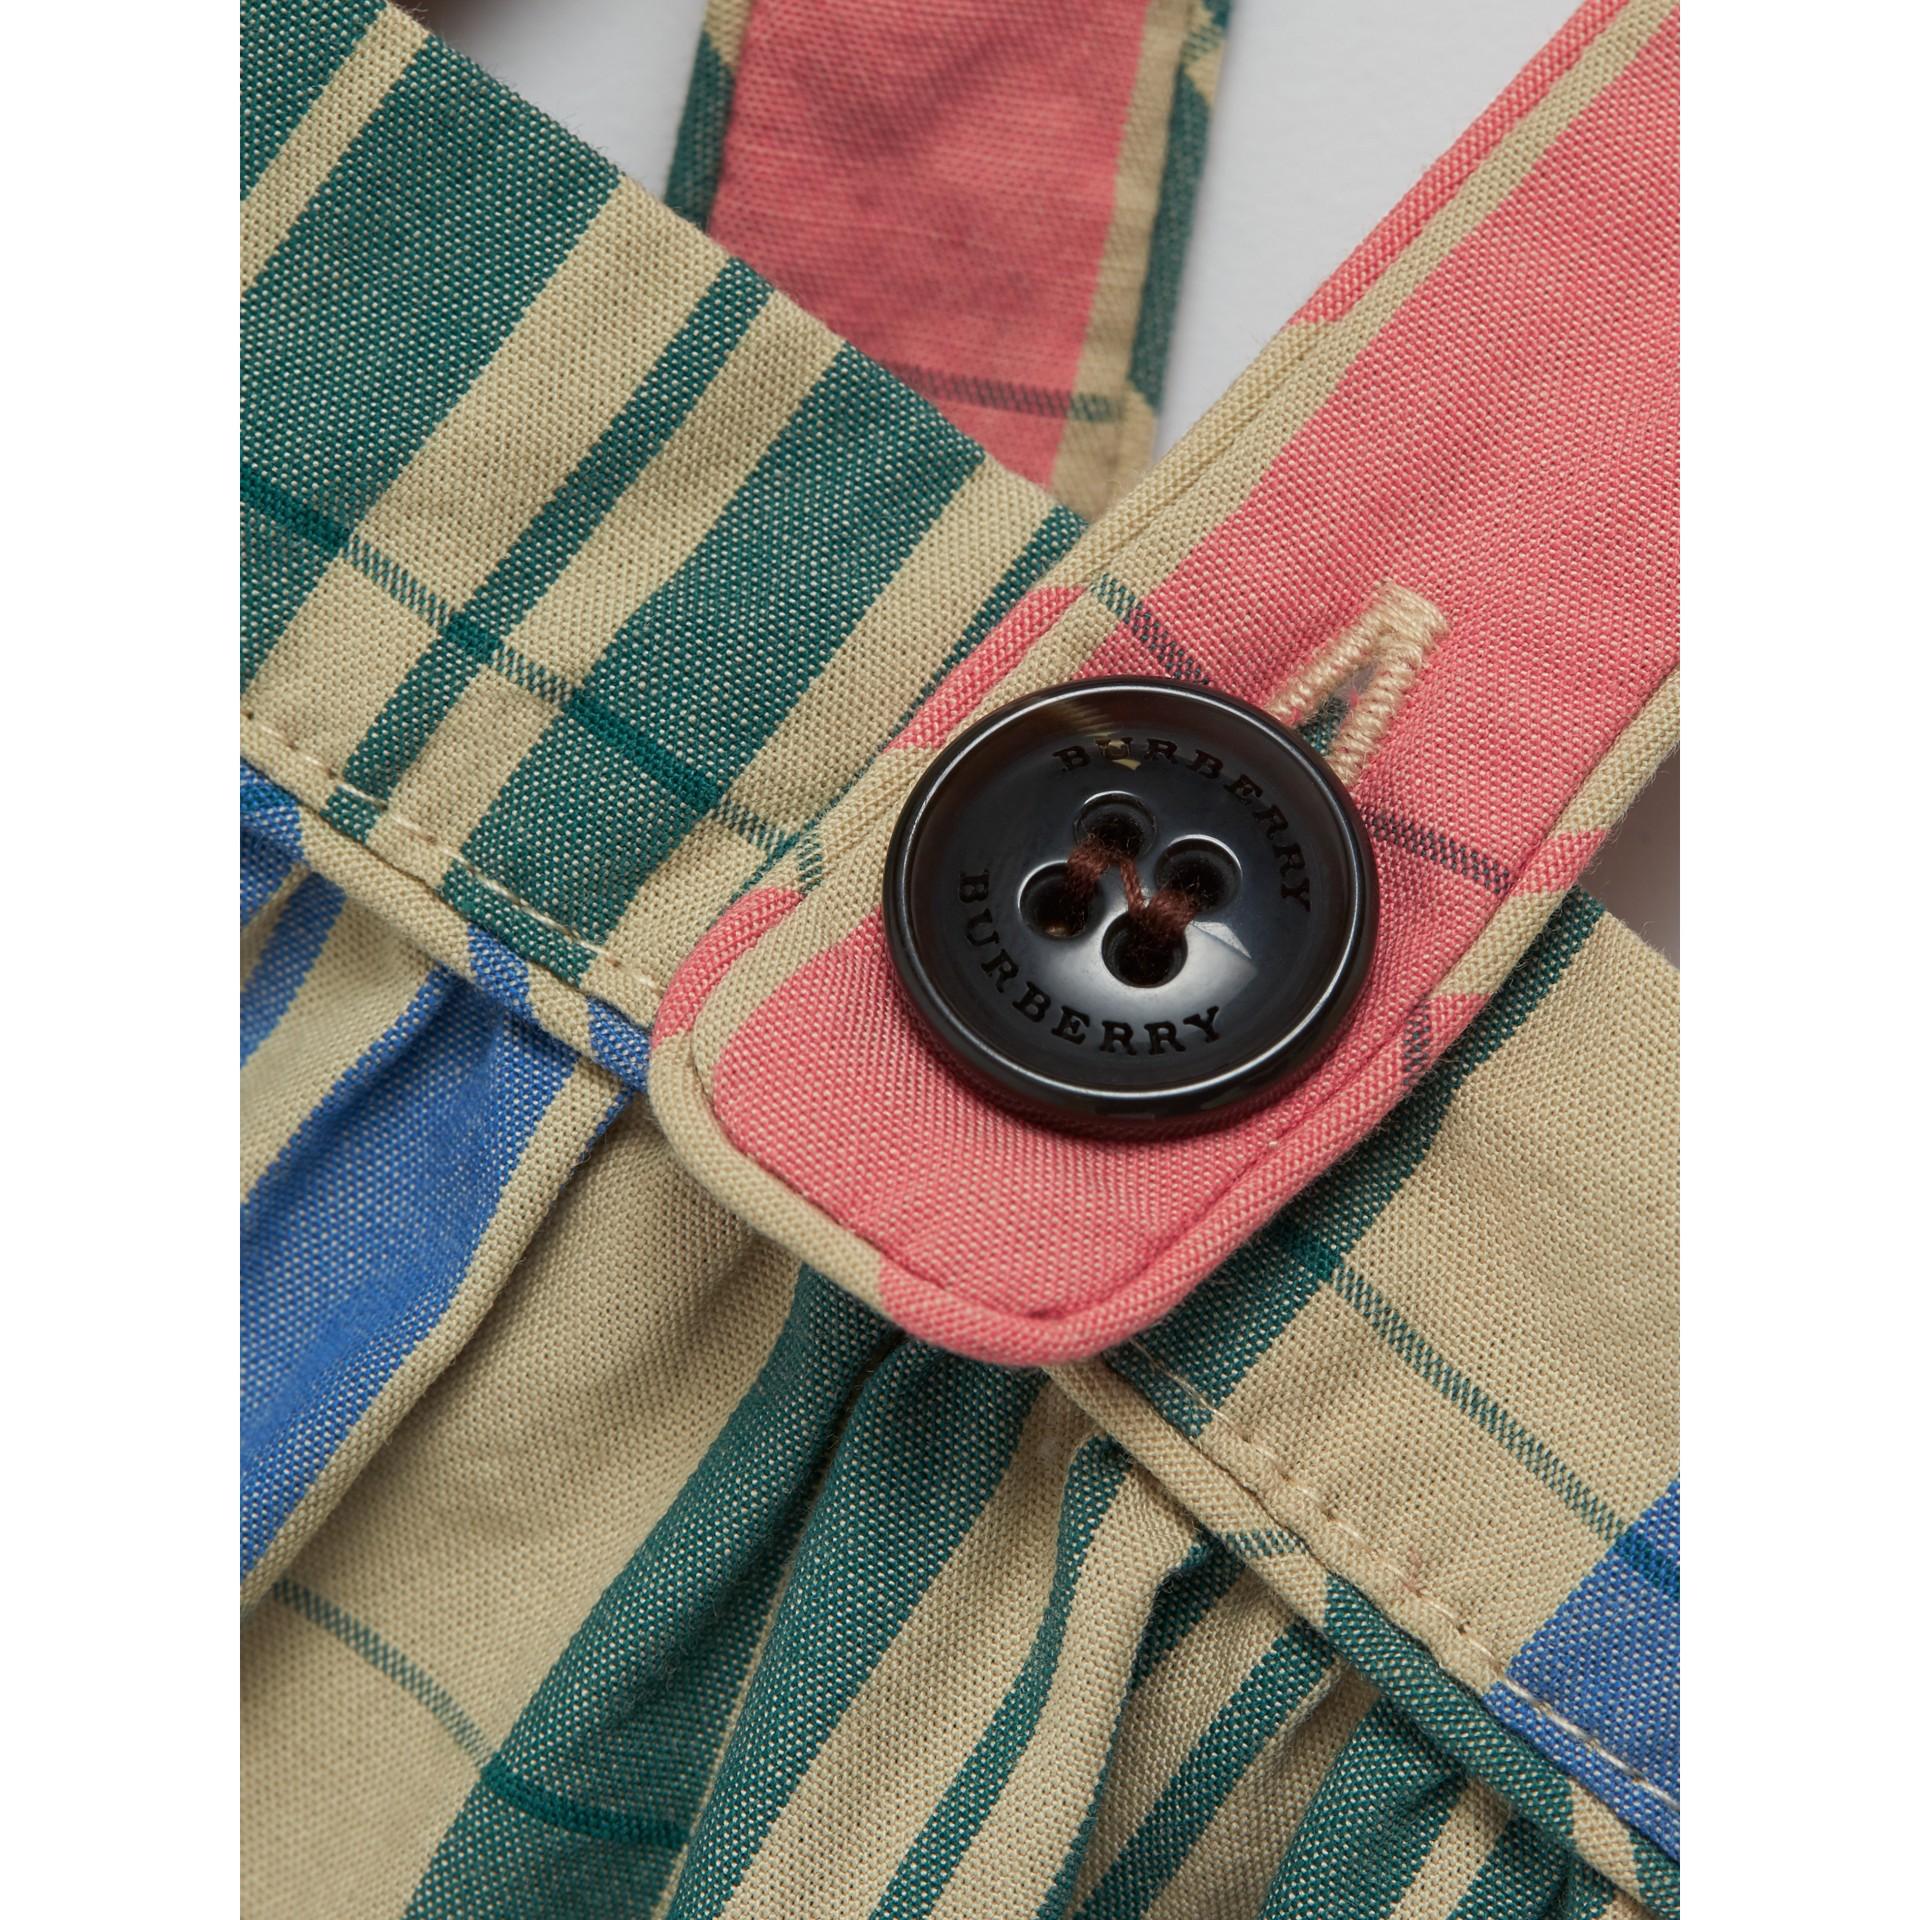 Сарафан из хлопка в клетку (Ярко-розовый Коралл) | Burberry - изображение 1